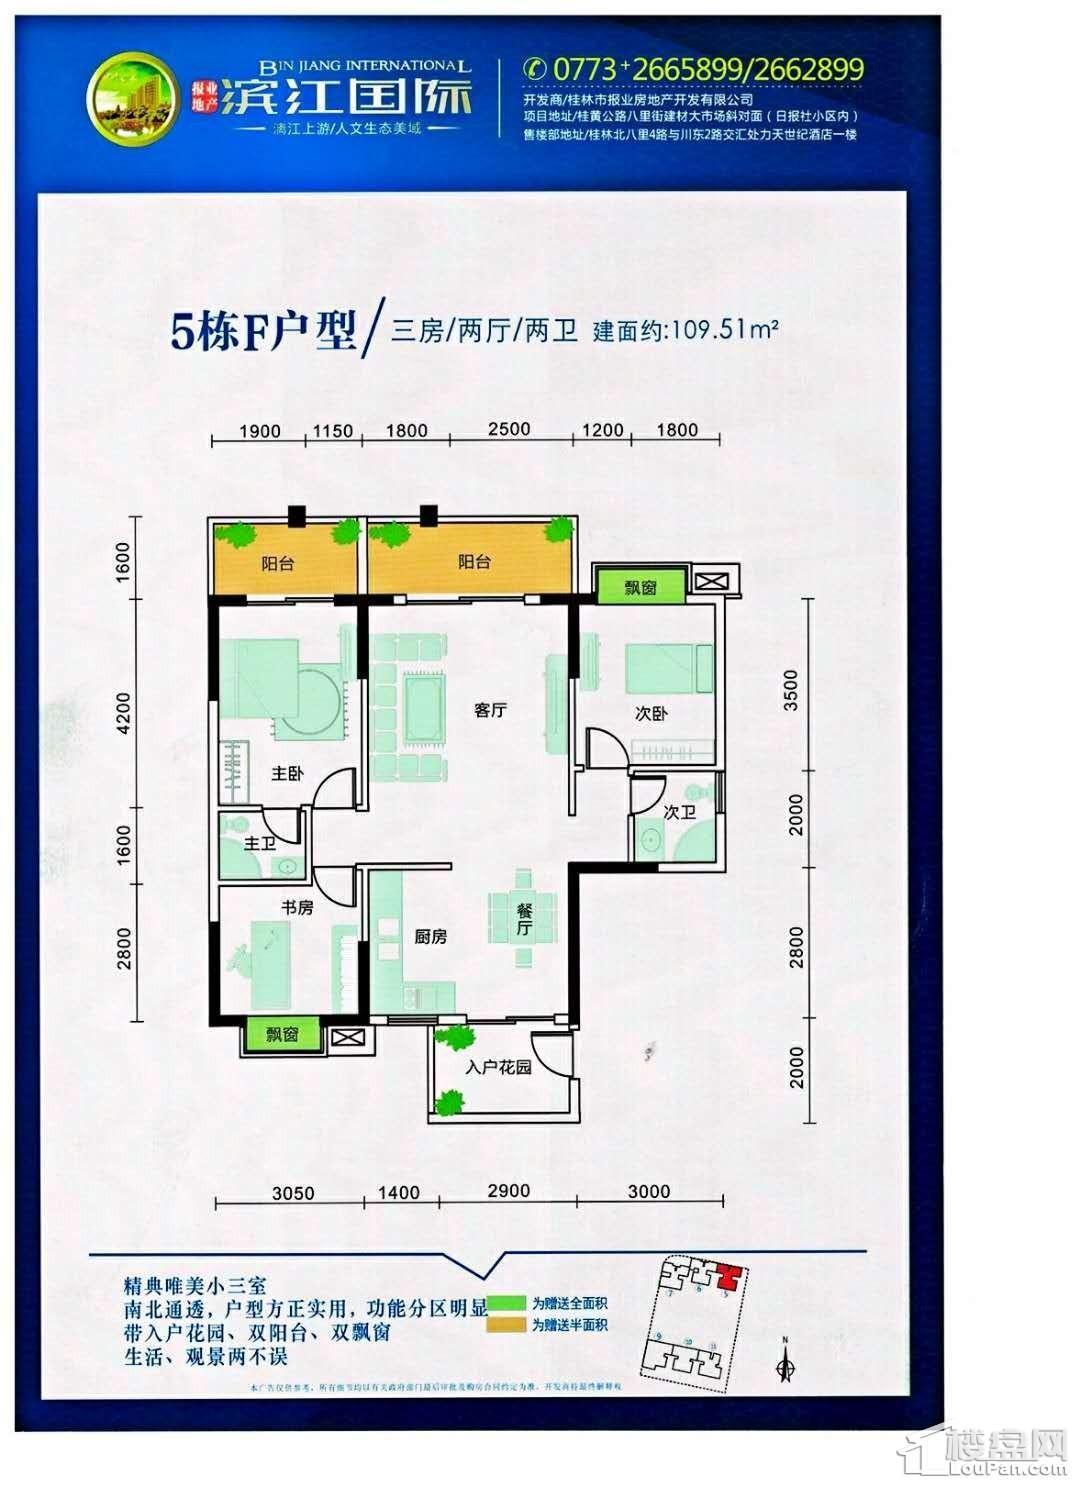 滨江国际桂林日报社小区 -5#F户型